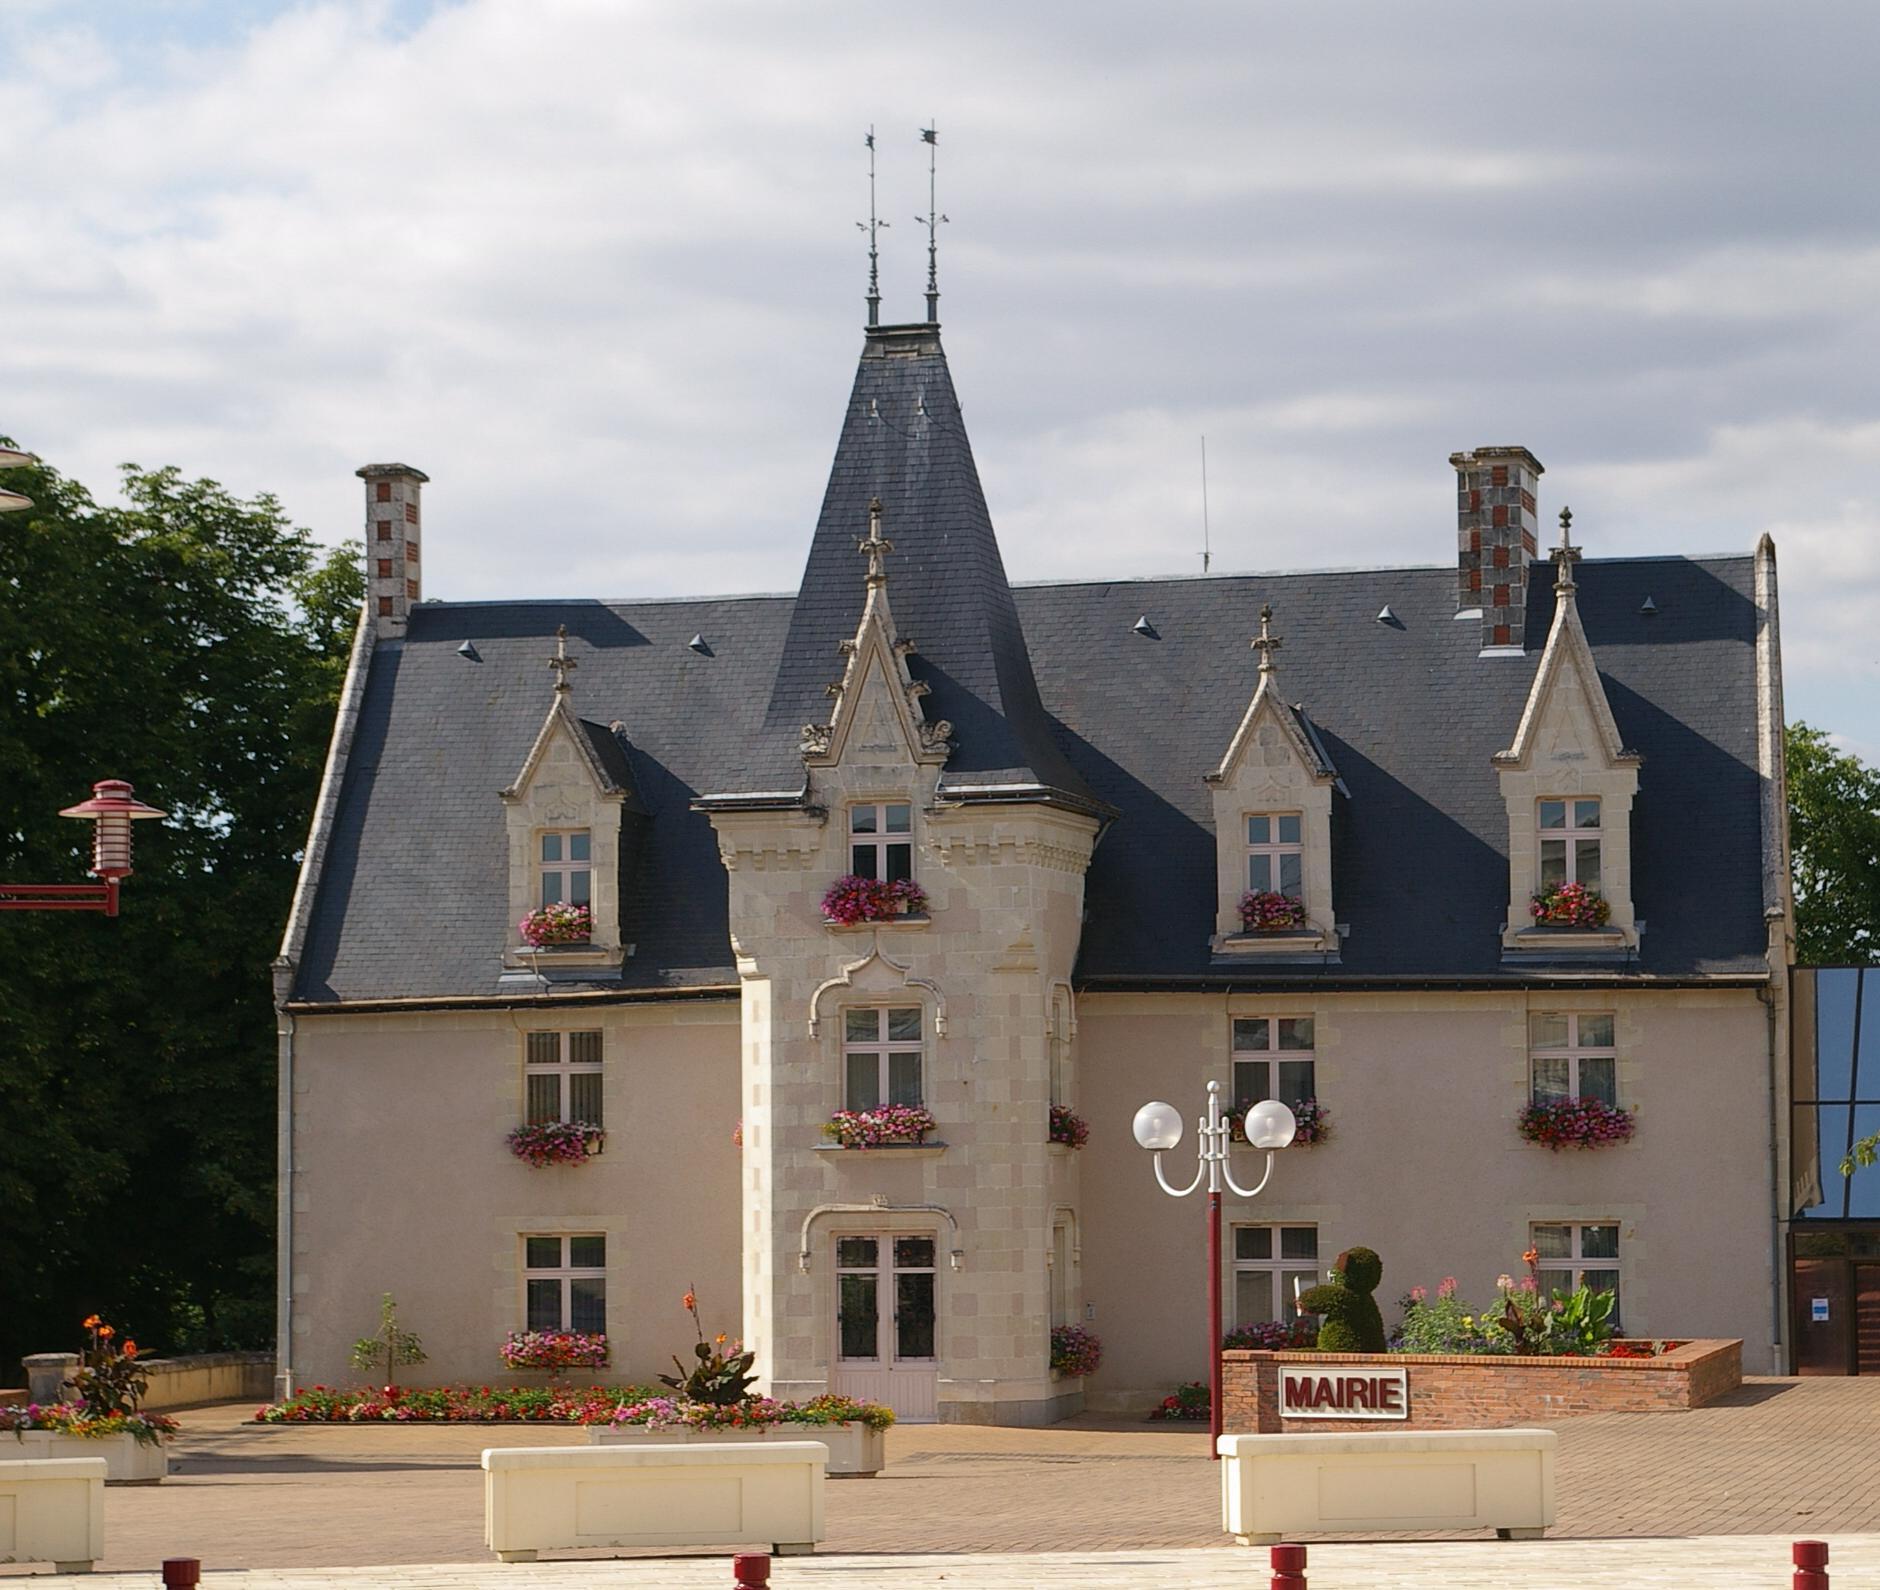 Era Mairie De Montreuil Montreuil: Montreuil-Juigné